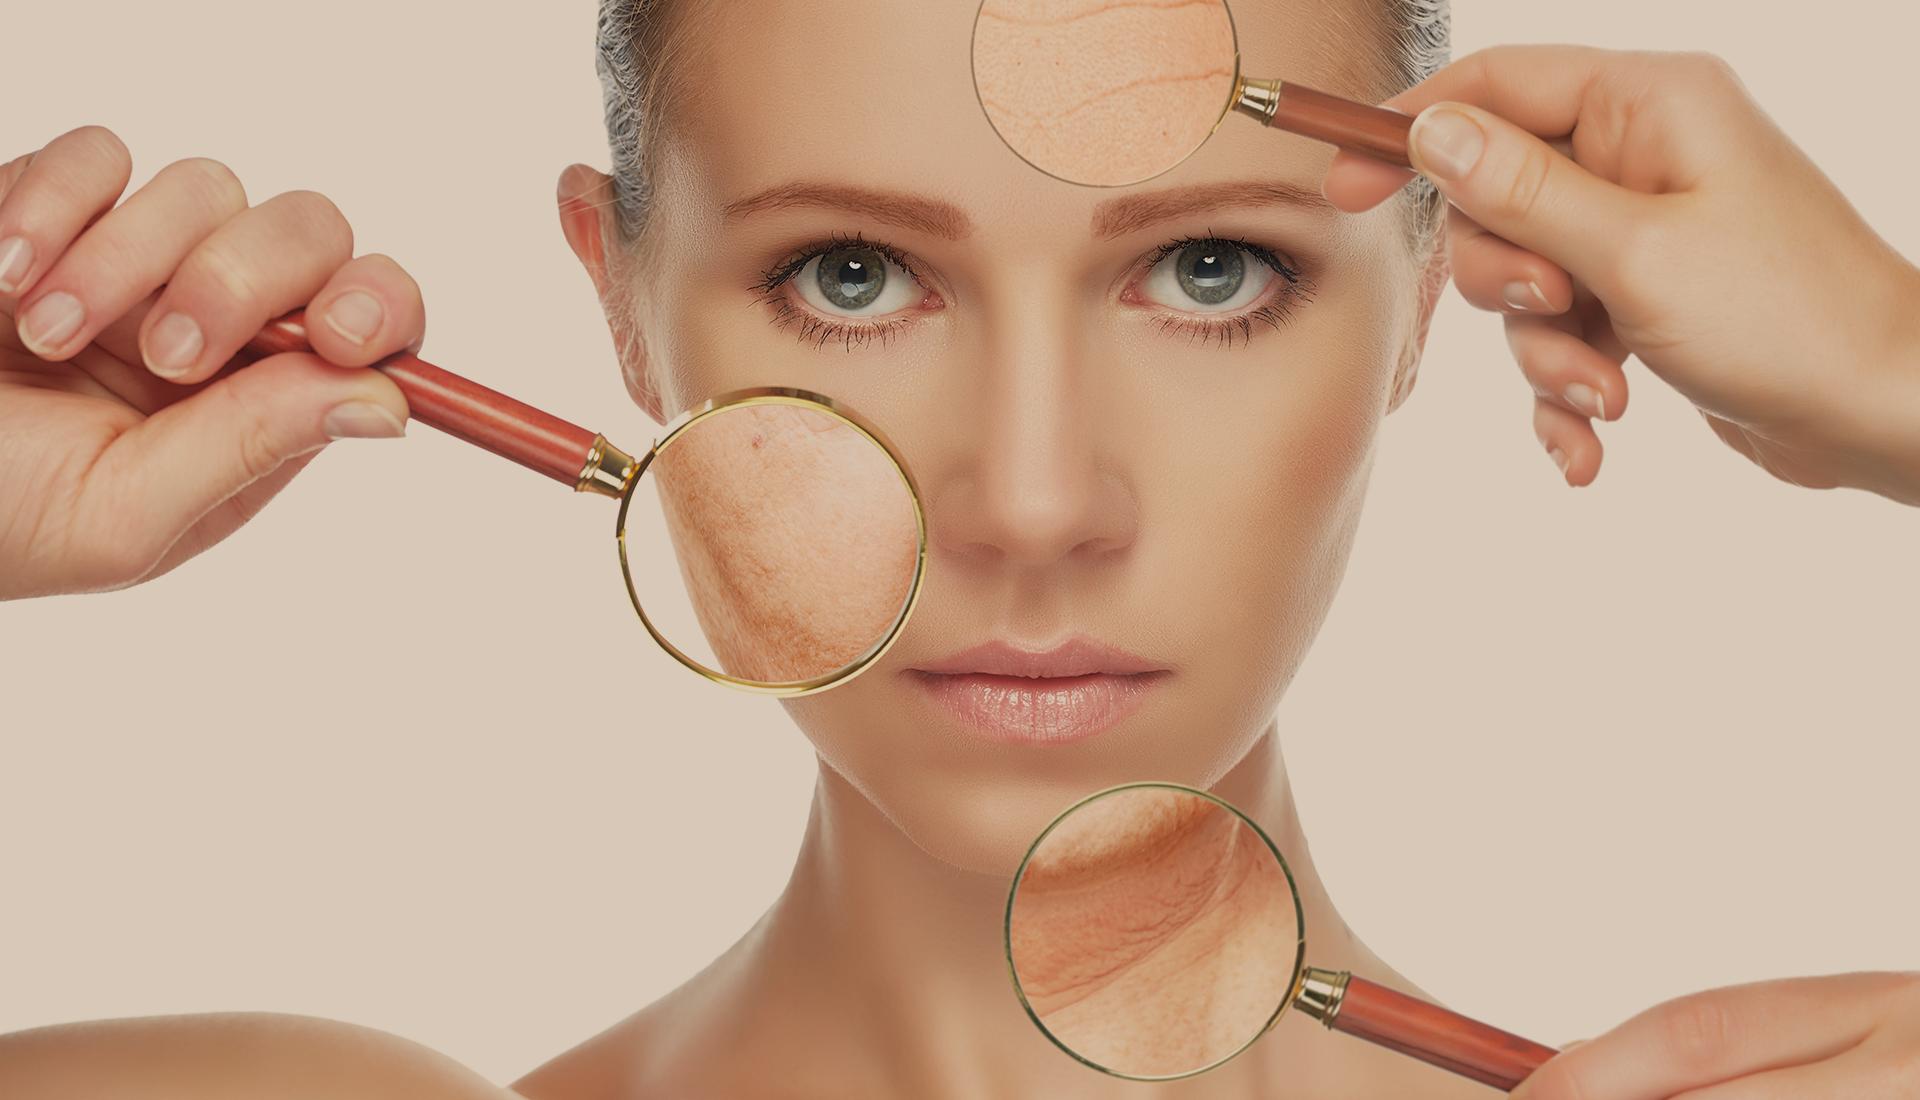 Ästhetische Medizin und Kosmetik